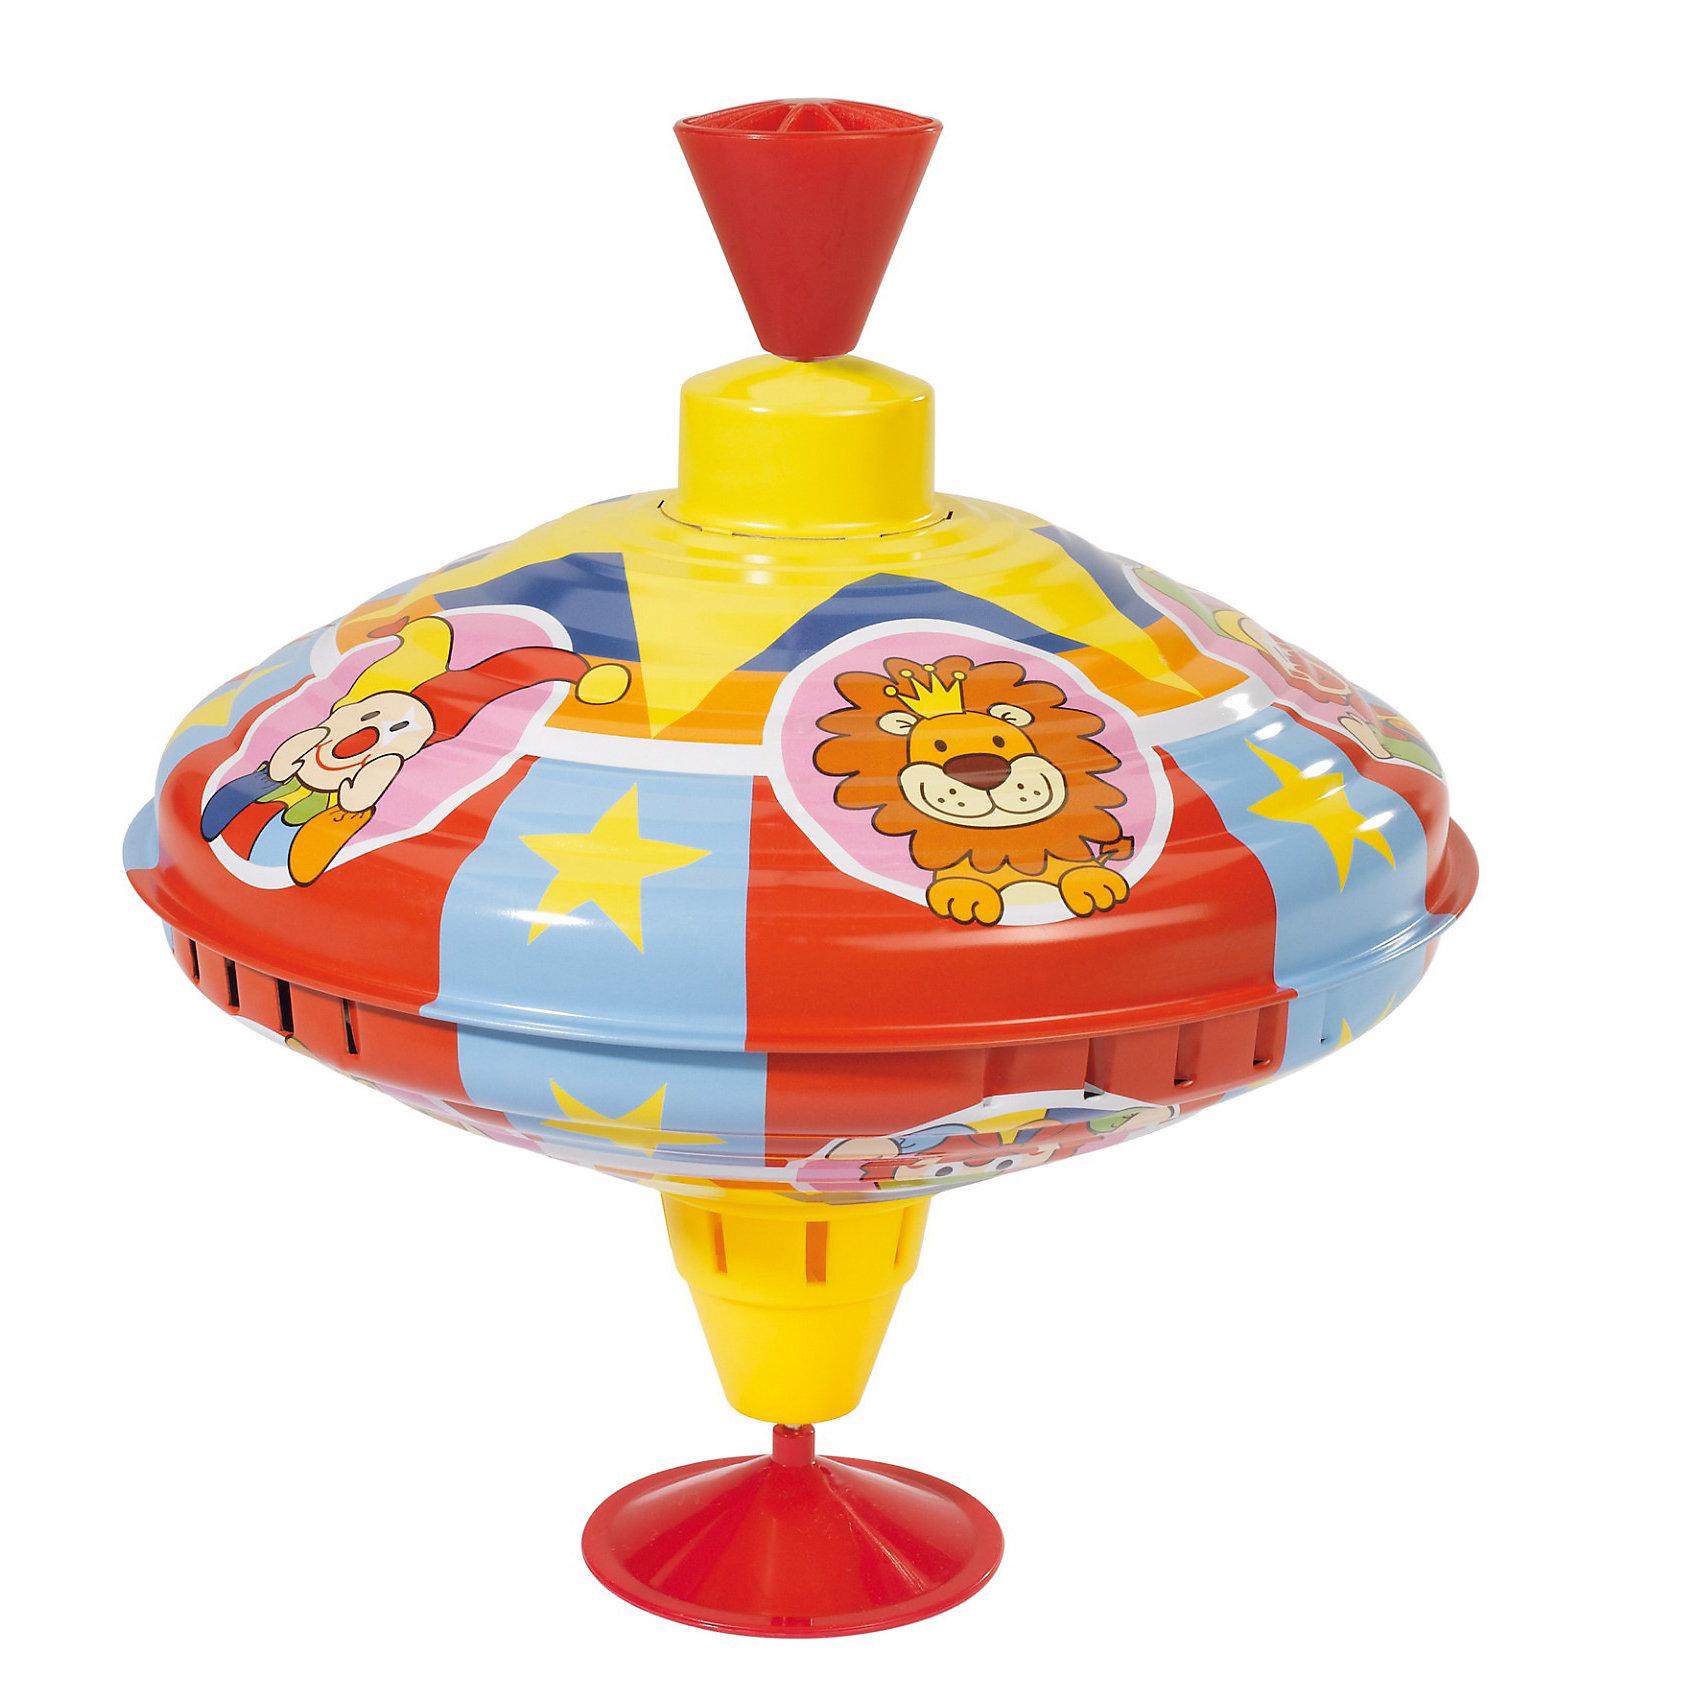 Юла, 21 см, SimbaЮла, Simba (Симба) - красочная развивающая игрушка, которая обязательно понравится Вашему малышу. Юла классической формы имеет яркий привлекательный  дизайн и украшена интересными для ребенка рисунками на тему цирка. Небольшая круглая ножка удобна для запуска. При вращении юла издает приятное мелодичное звучание. Малыш с интересом будет следить за движениями яркой игрушки, развивая зрение и цветовое восприятие, а чуть позже научится заводить ее сам, тренируя при этом мелкую моторику пальчиков. <br><br>Дополнительная информация:<br><br>- Материал: пластик, металл. <br>- Размер игрушки: высота - 21 см., диаметр - 19 см.  <br>- Размер упаковки: 21 х 21 х 24 см.<br>- Вес: 0,31 кг. <br><br>Юлу, Simba (Симба) можно купить в нашем интернет-магазине.<br><br>Ширина мм: 176<br>Глубина мм: 167<br>Высота мм: 162<br>Вес г: 291<br>Возраст от месяцев: 18<br>Возраст до месяцев: 36<br>Пол: Унисекс<br>Возраст: Детский<br>SKU: 1736120